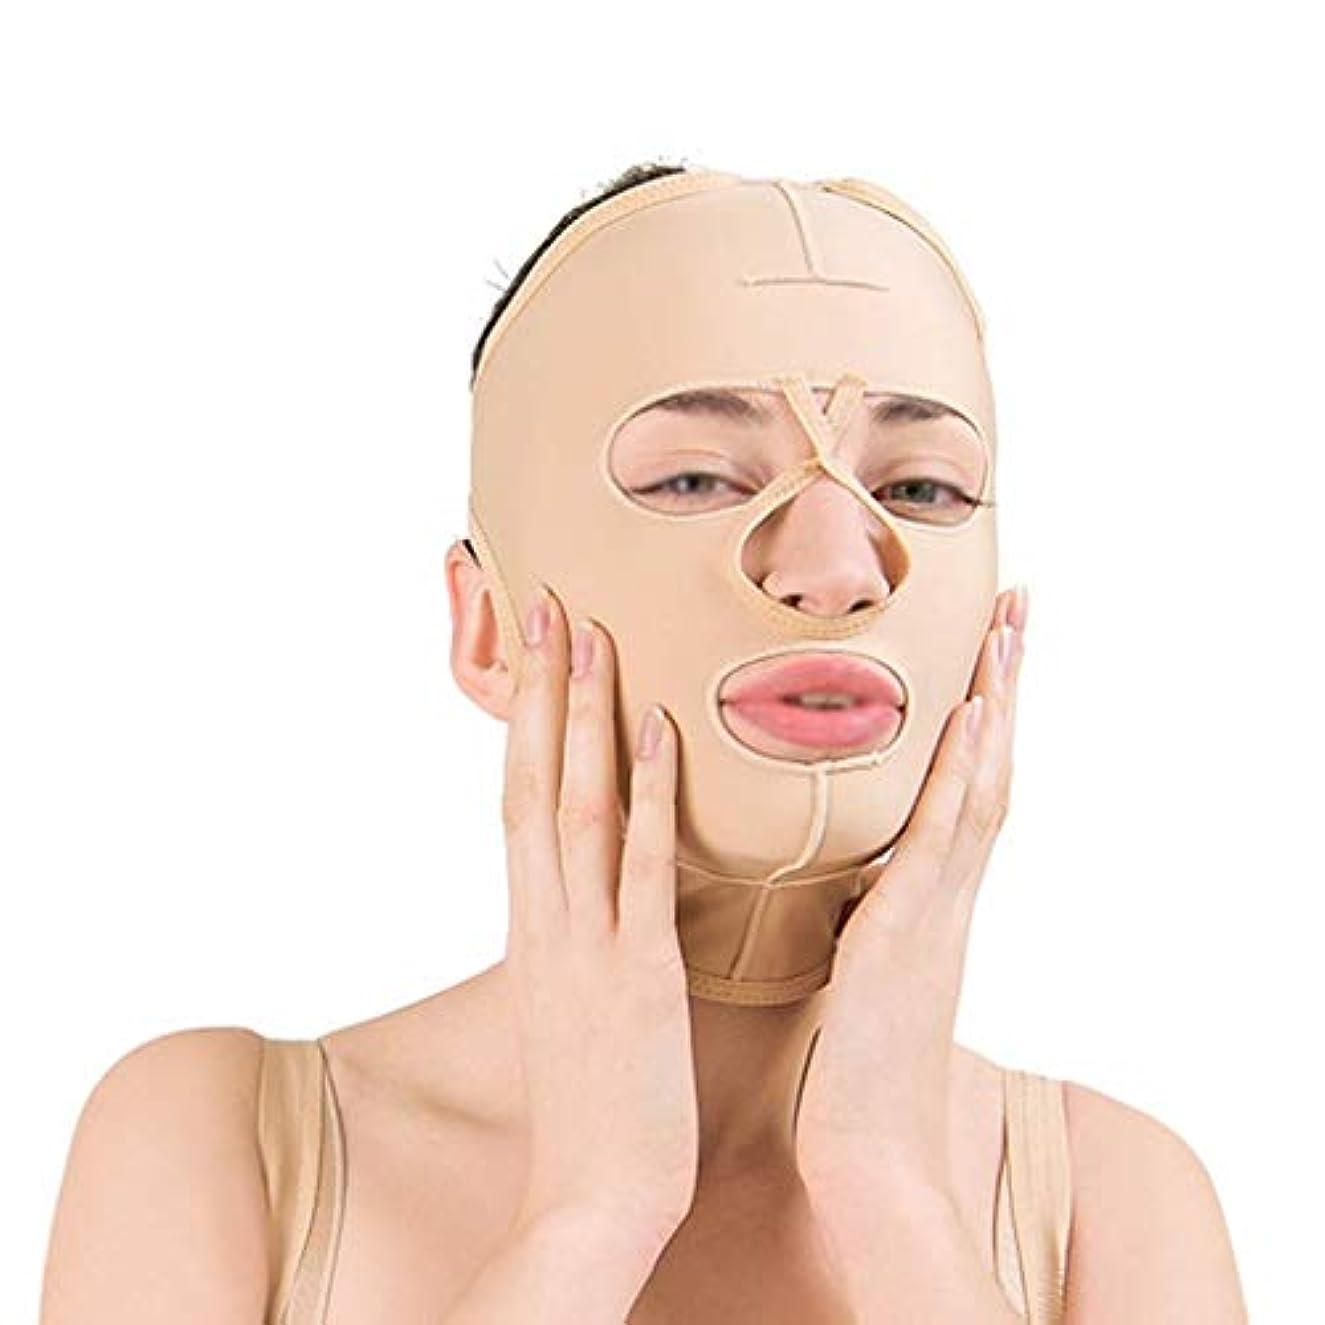 遠洋の威信奨励しますフェイススリミングマスク、フェイスバンデージ付きフェイシャル減量マスク、通気性フェイスリフト、引き締め、フェイスリフティング(サイズ:L),S